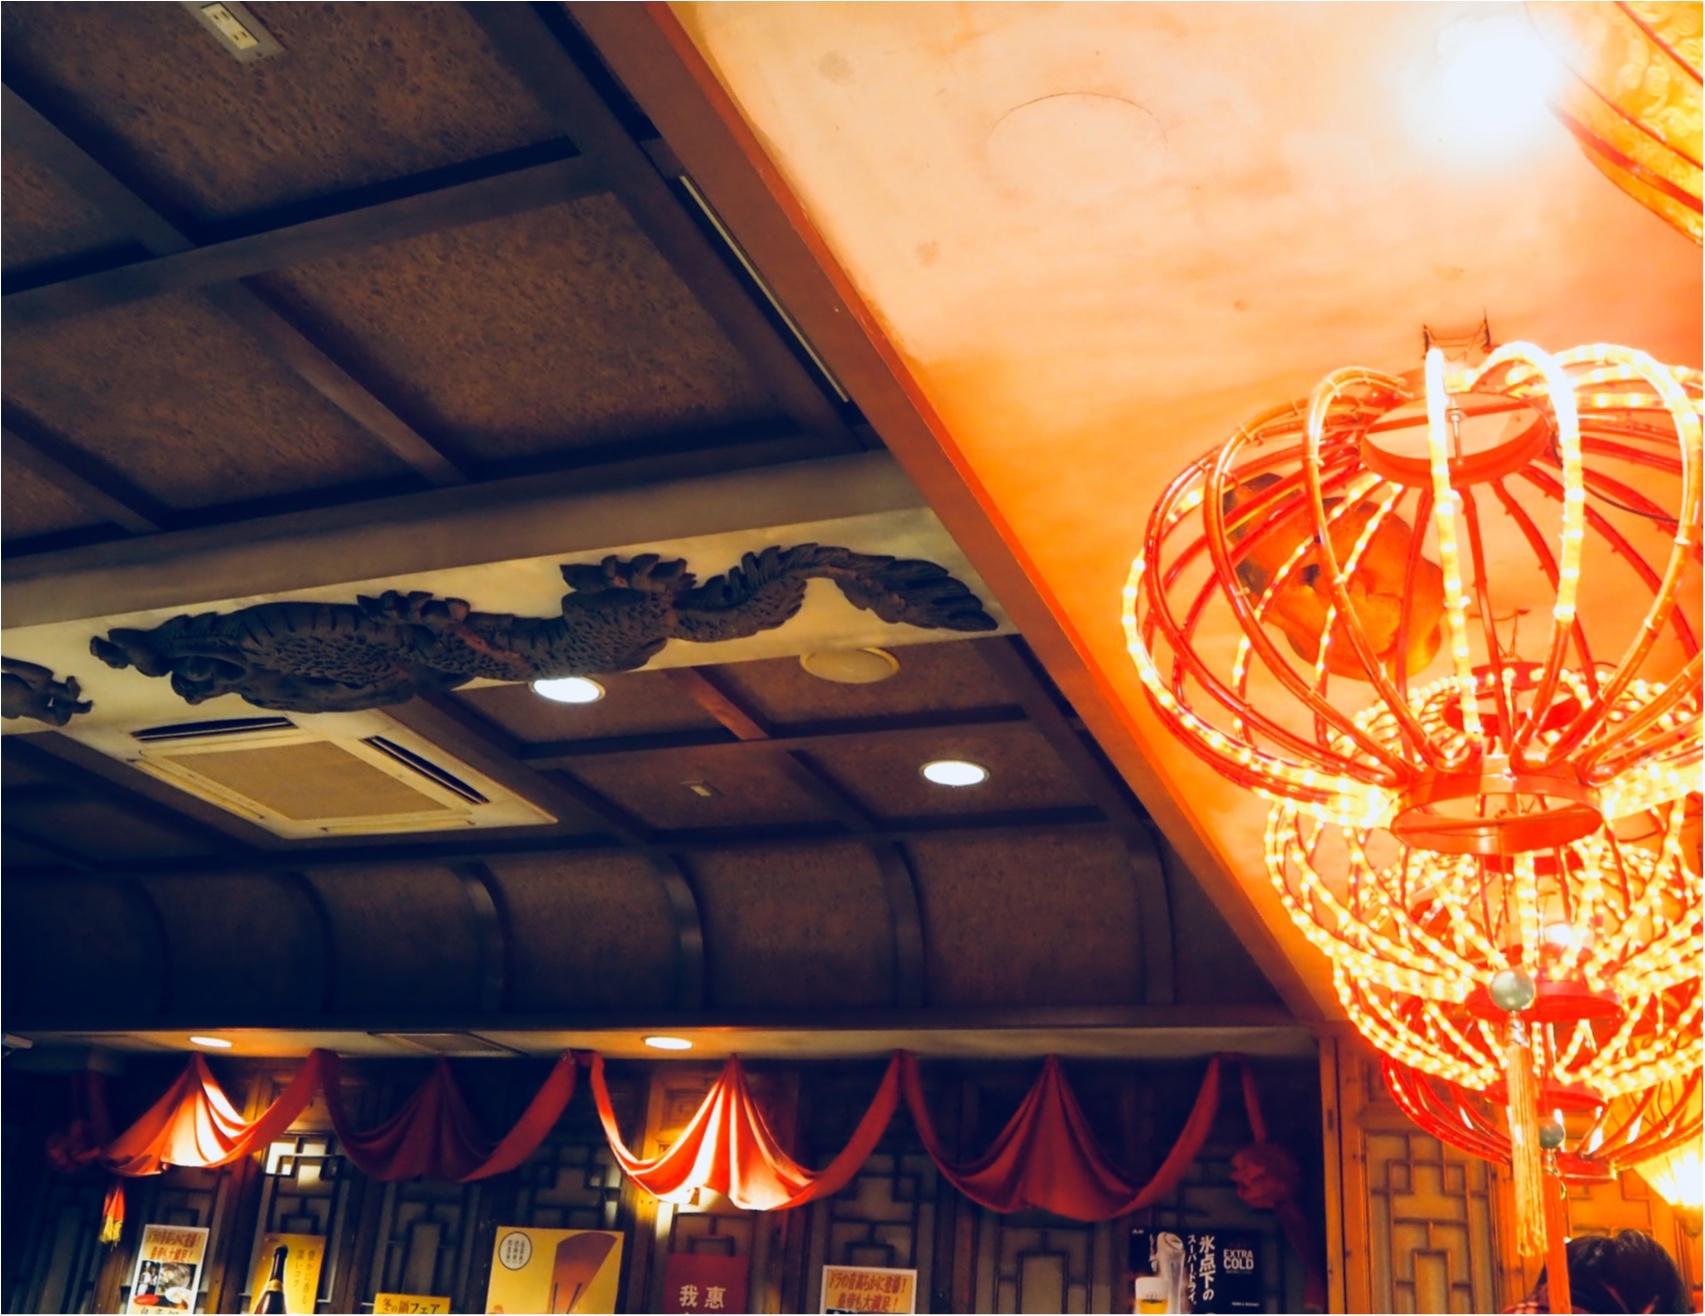 【新宿・老辺餃子】日本ではココだけ!清の皇帝も大絶賛した歴史ある餃子をぜひ味わってみて〜❤︎_2